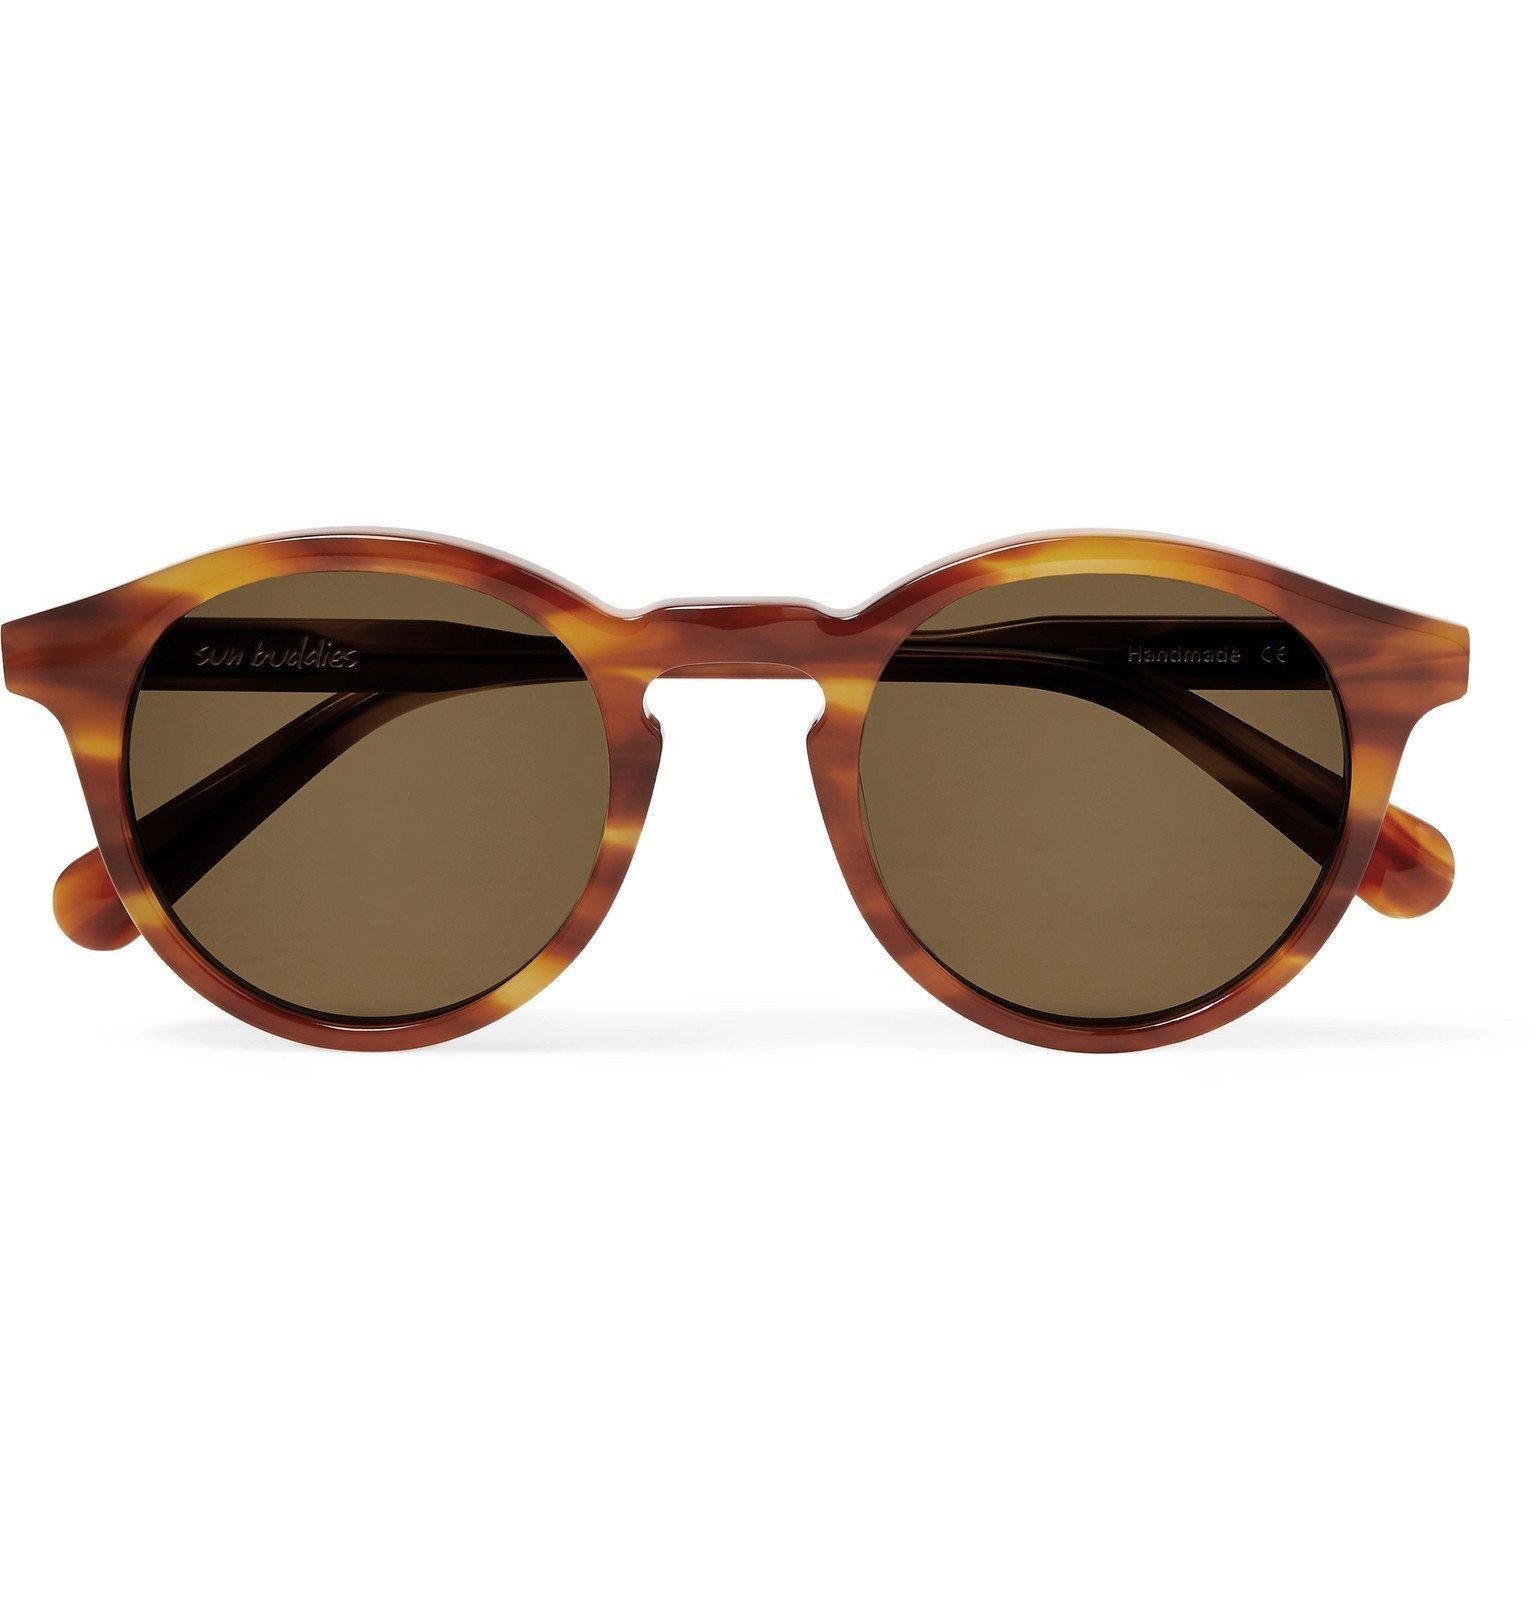 Photo: Sun Buddies - Zinedine Round-Frame Tortoiseshell Acetate Sunglasses - Tortoiseshell